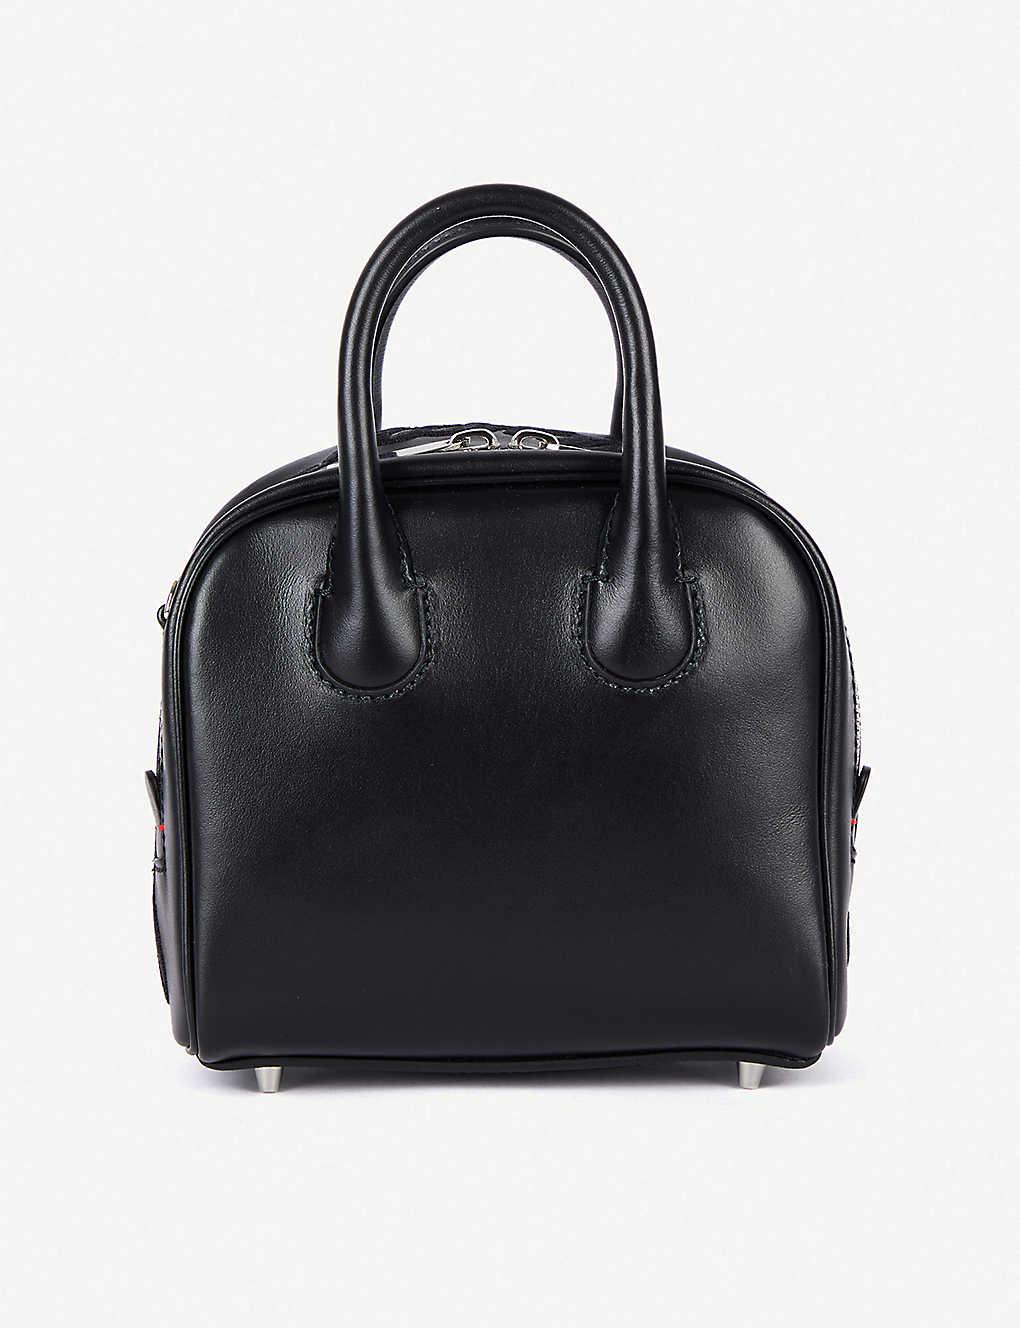 a375ee387ac Marie jane nano calf leather bag